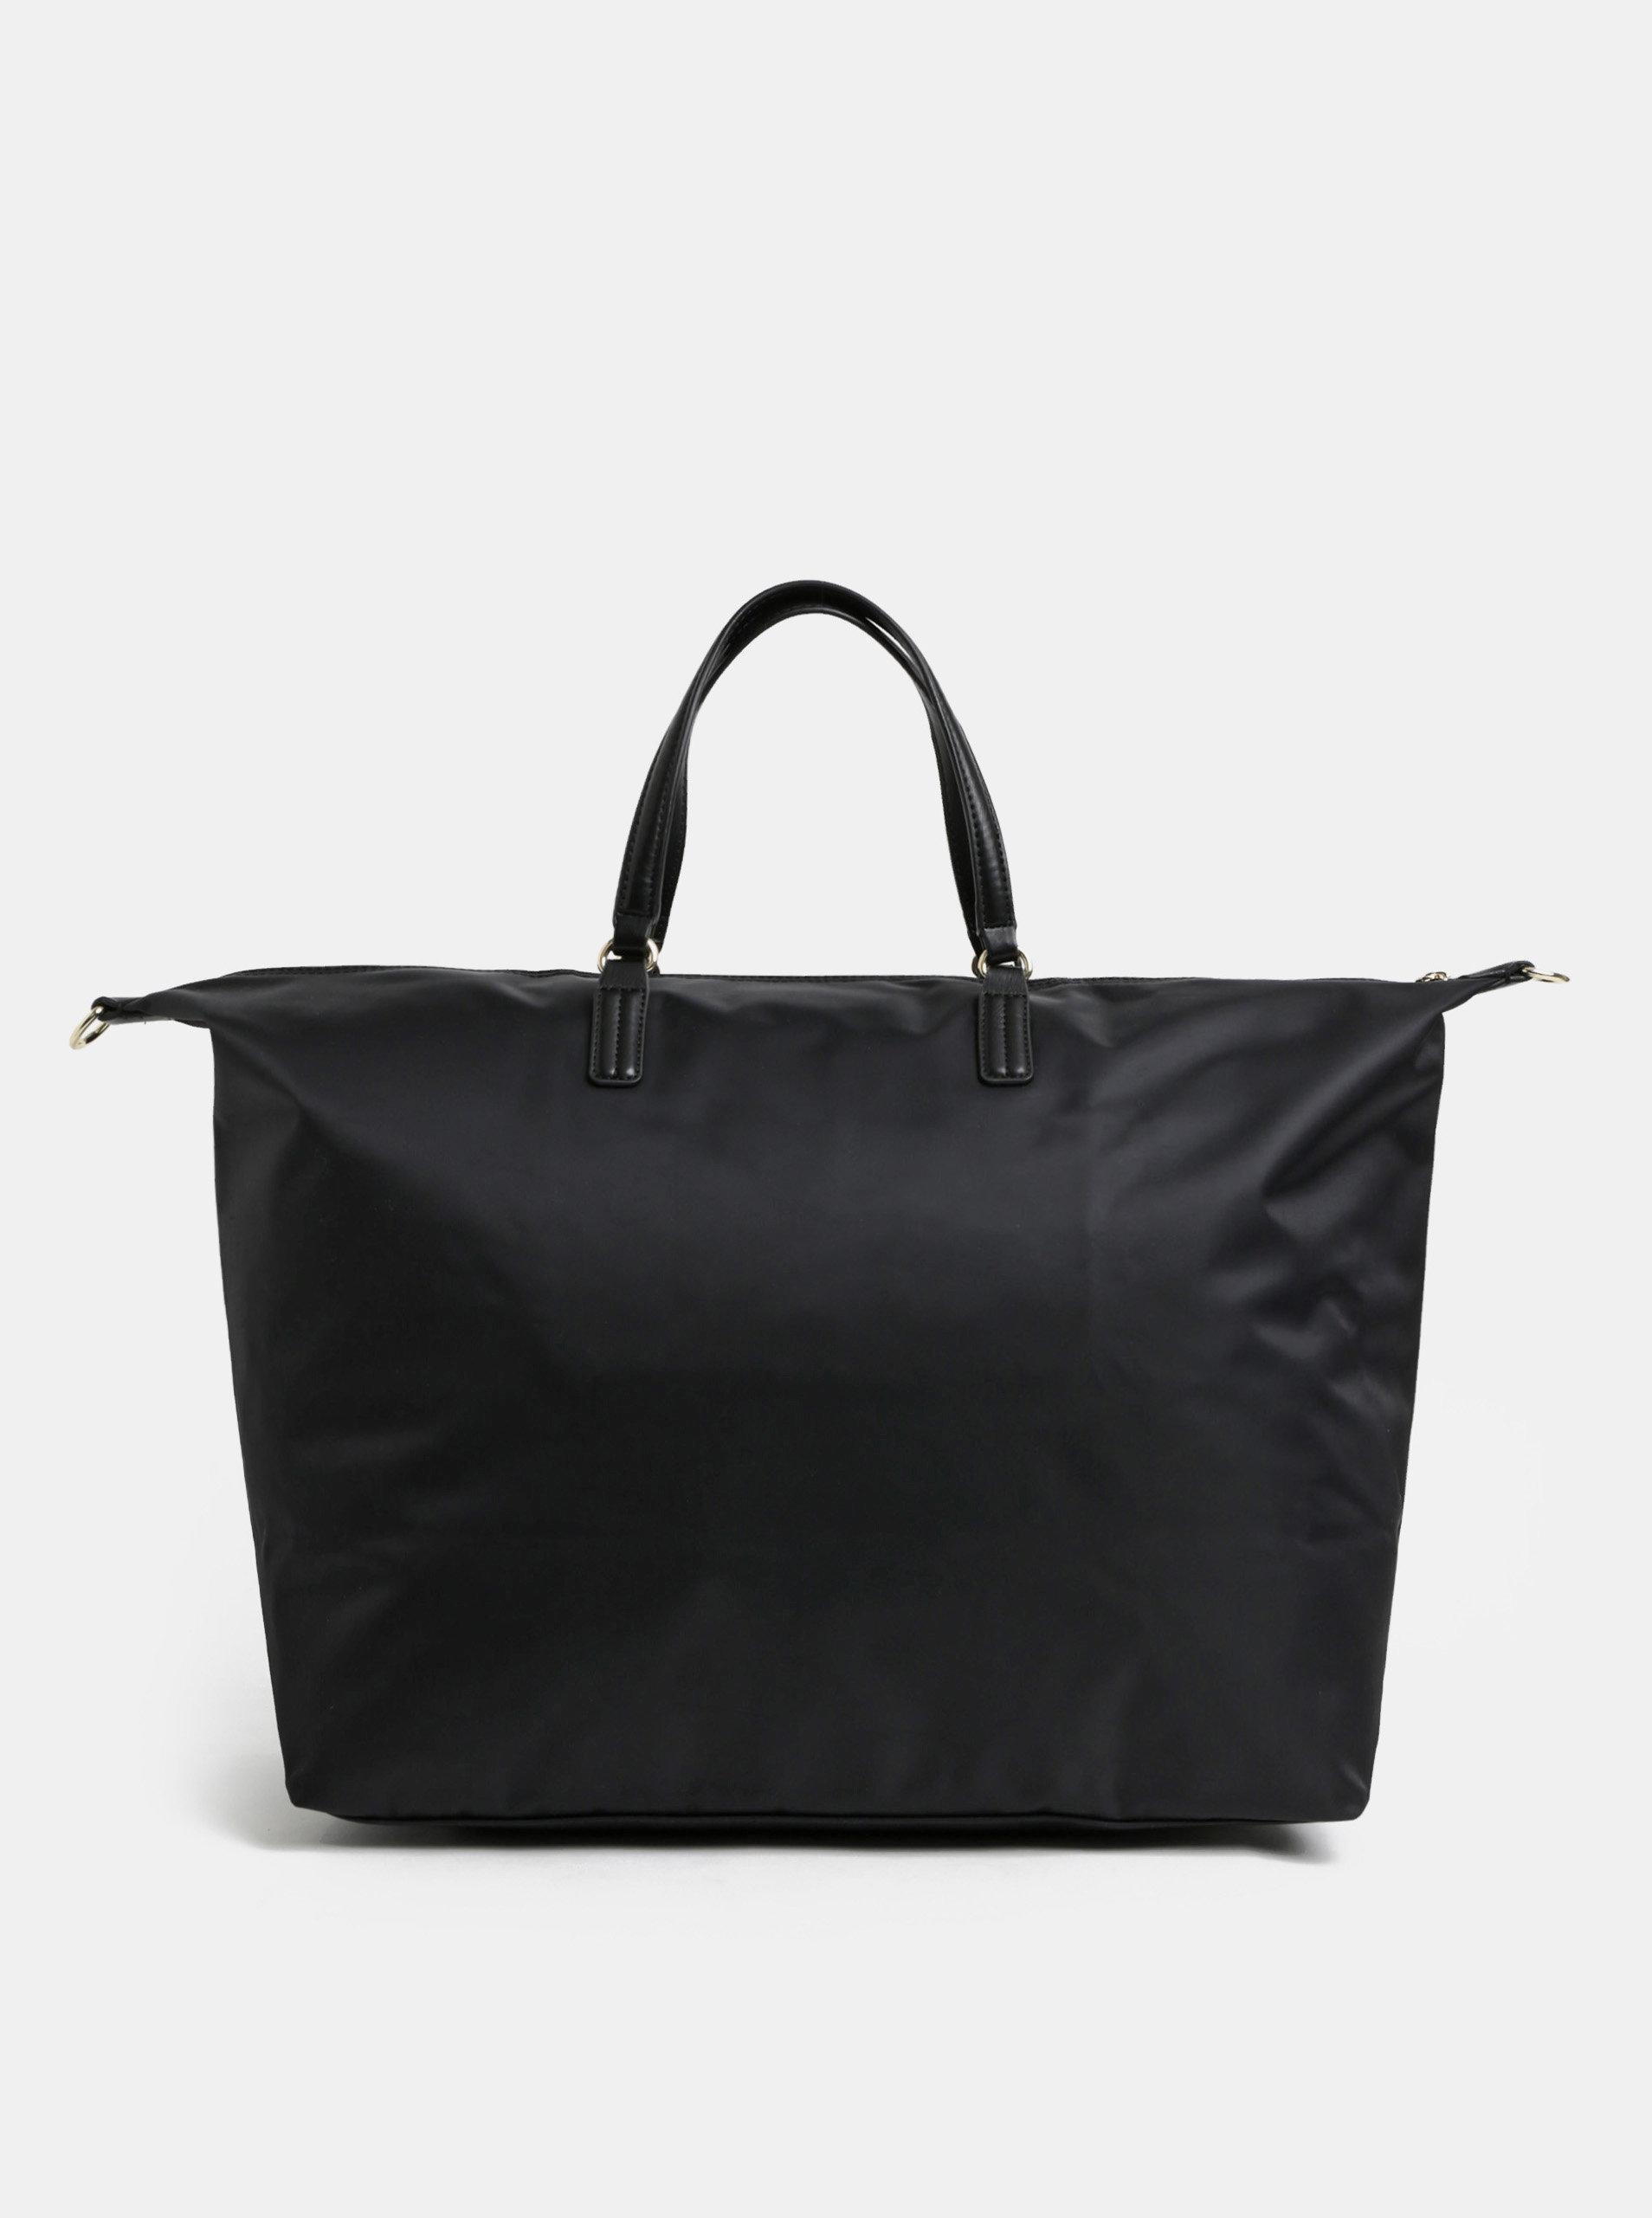 4feeb63696e3 Čierna dámska taška Tommy Hilfiger ...